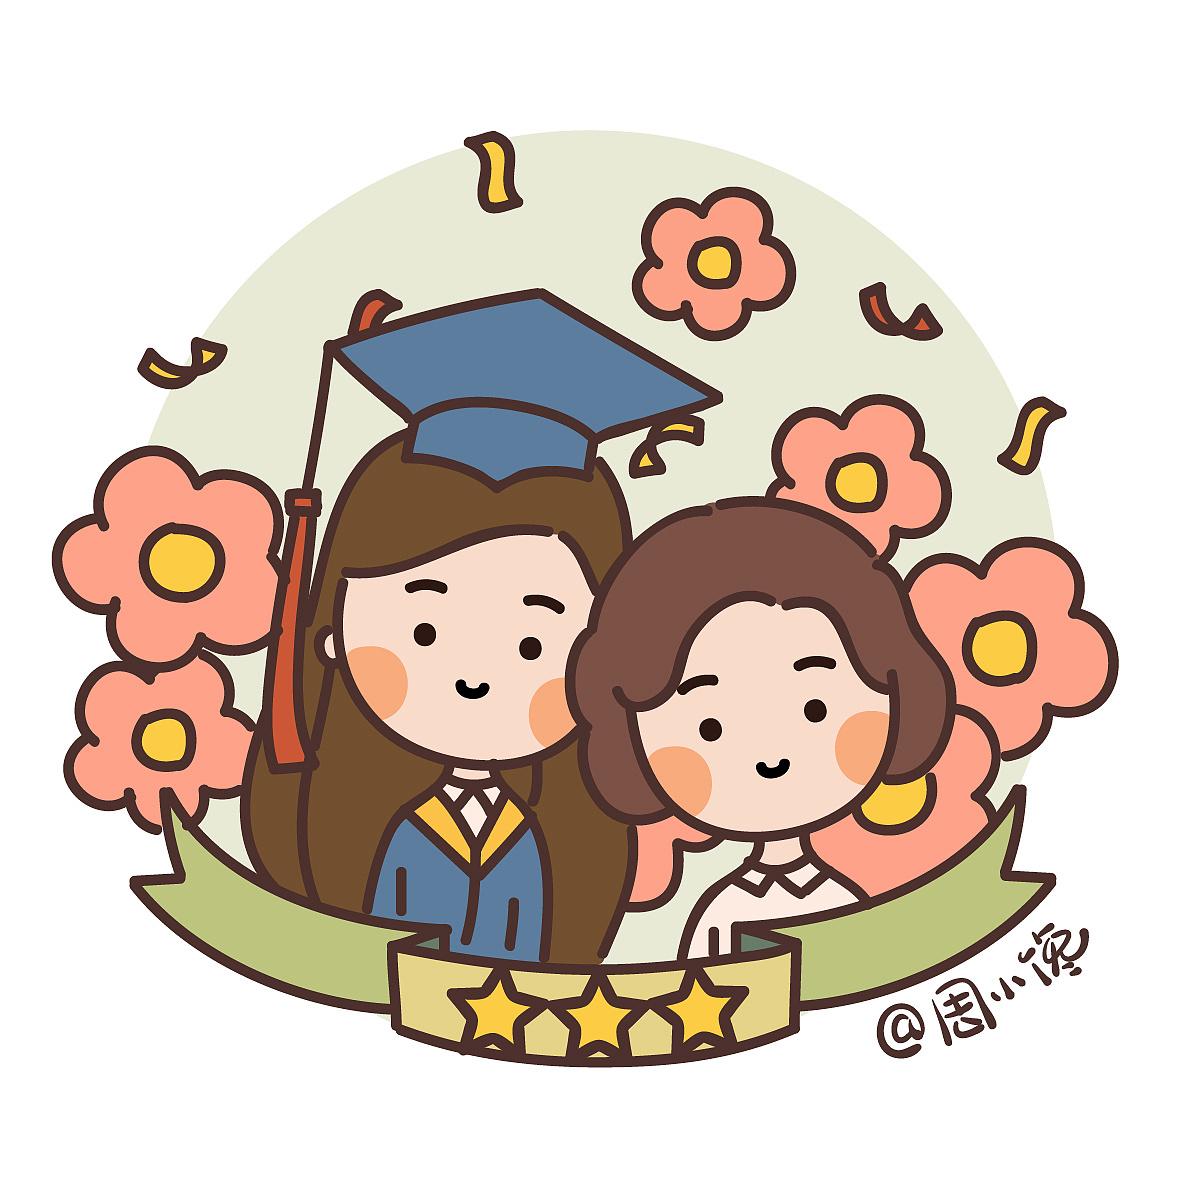 周小馋萌漫 母亲节漫画图片